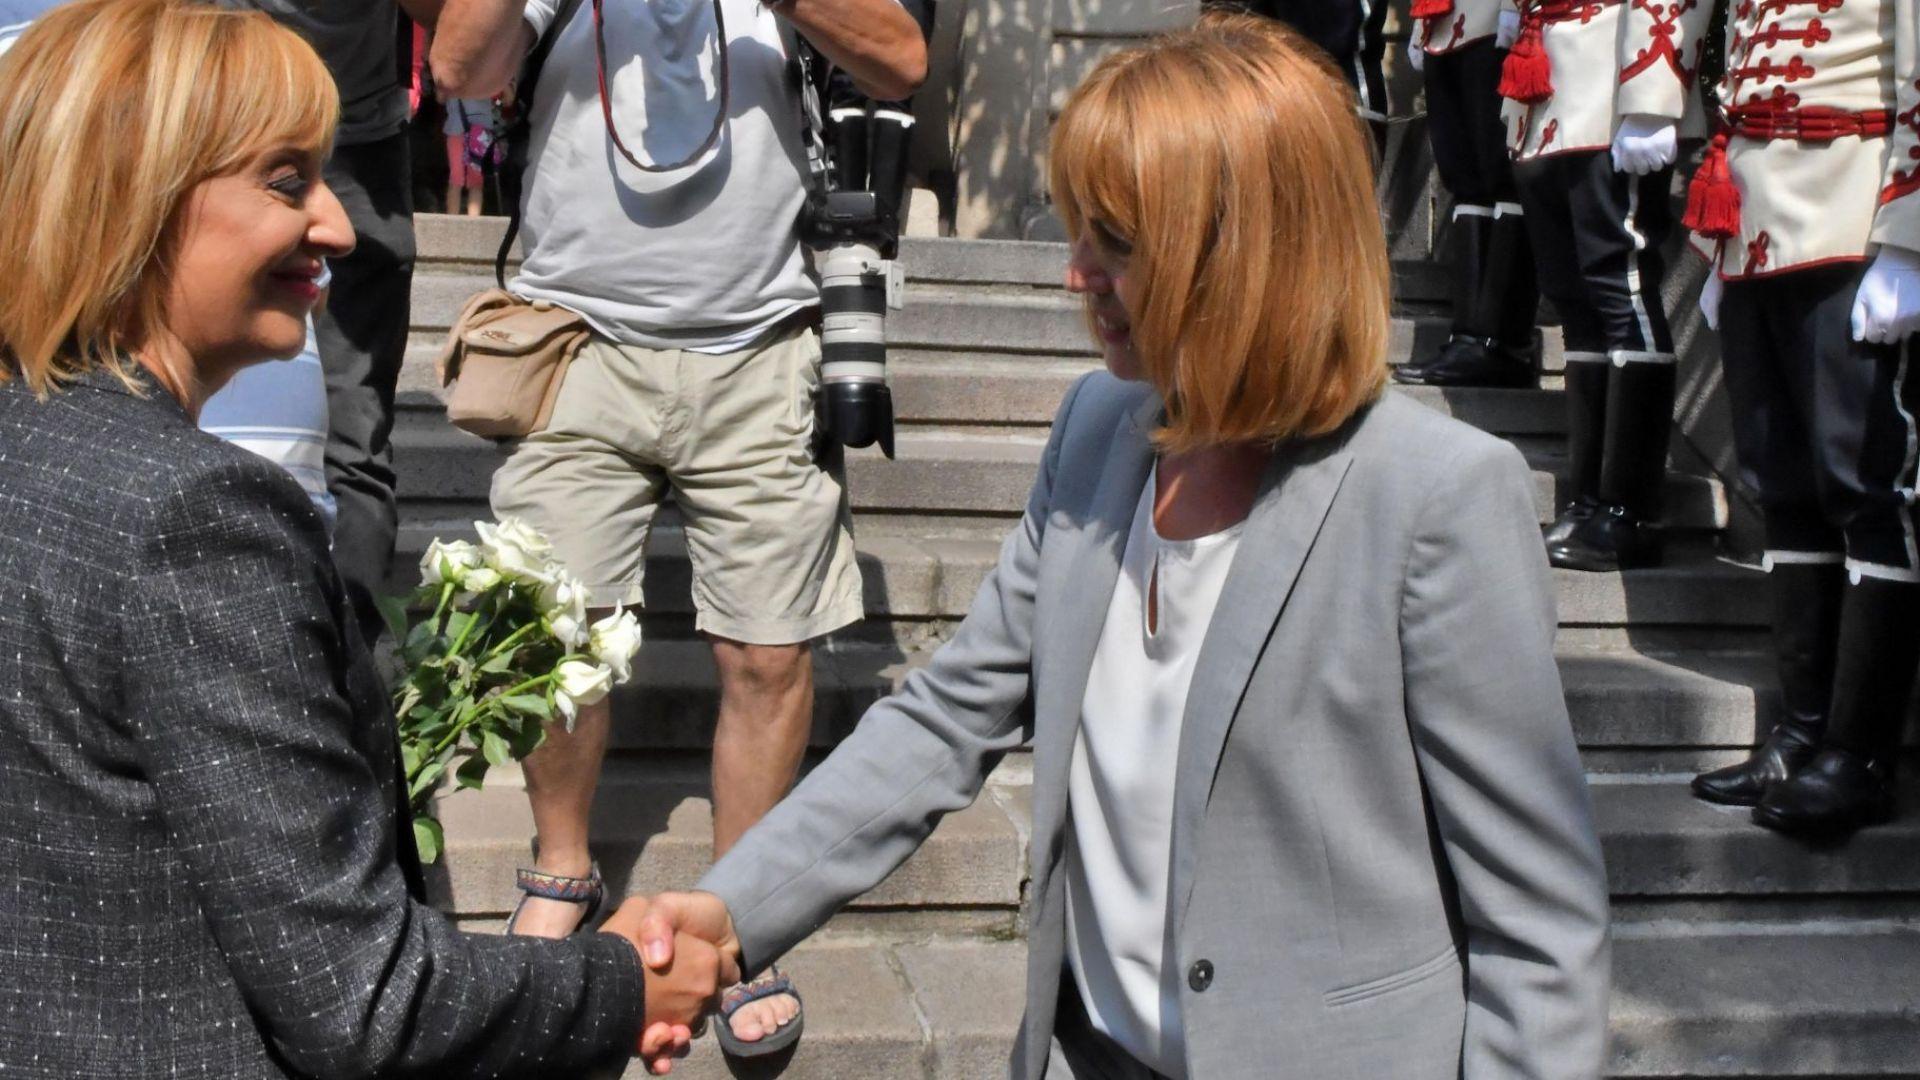 Кой е ключовият ресурс в електоралната битка за София? Социологът Добромир Живков пред Dir.bg